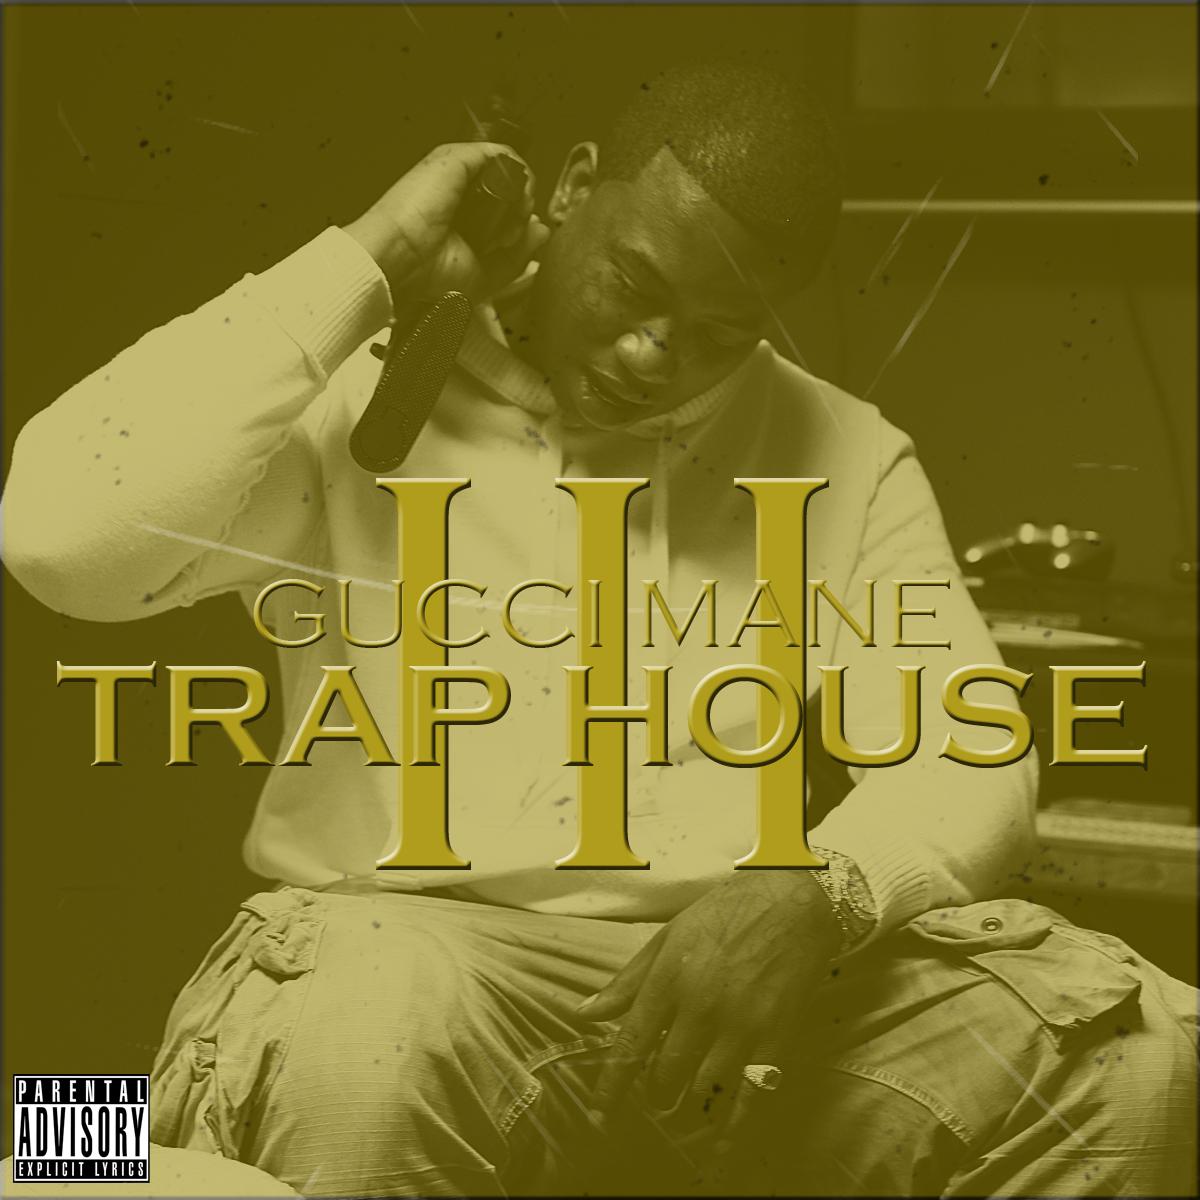 Gucci mane trap house 3 1017 records.